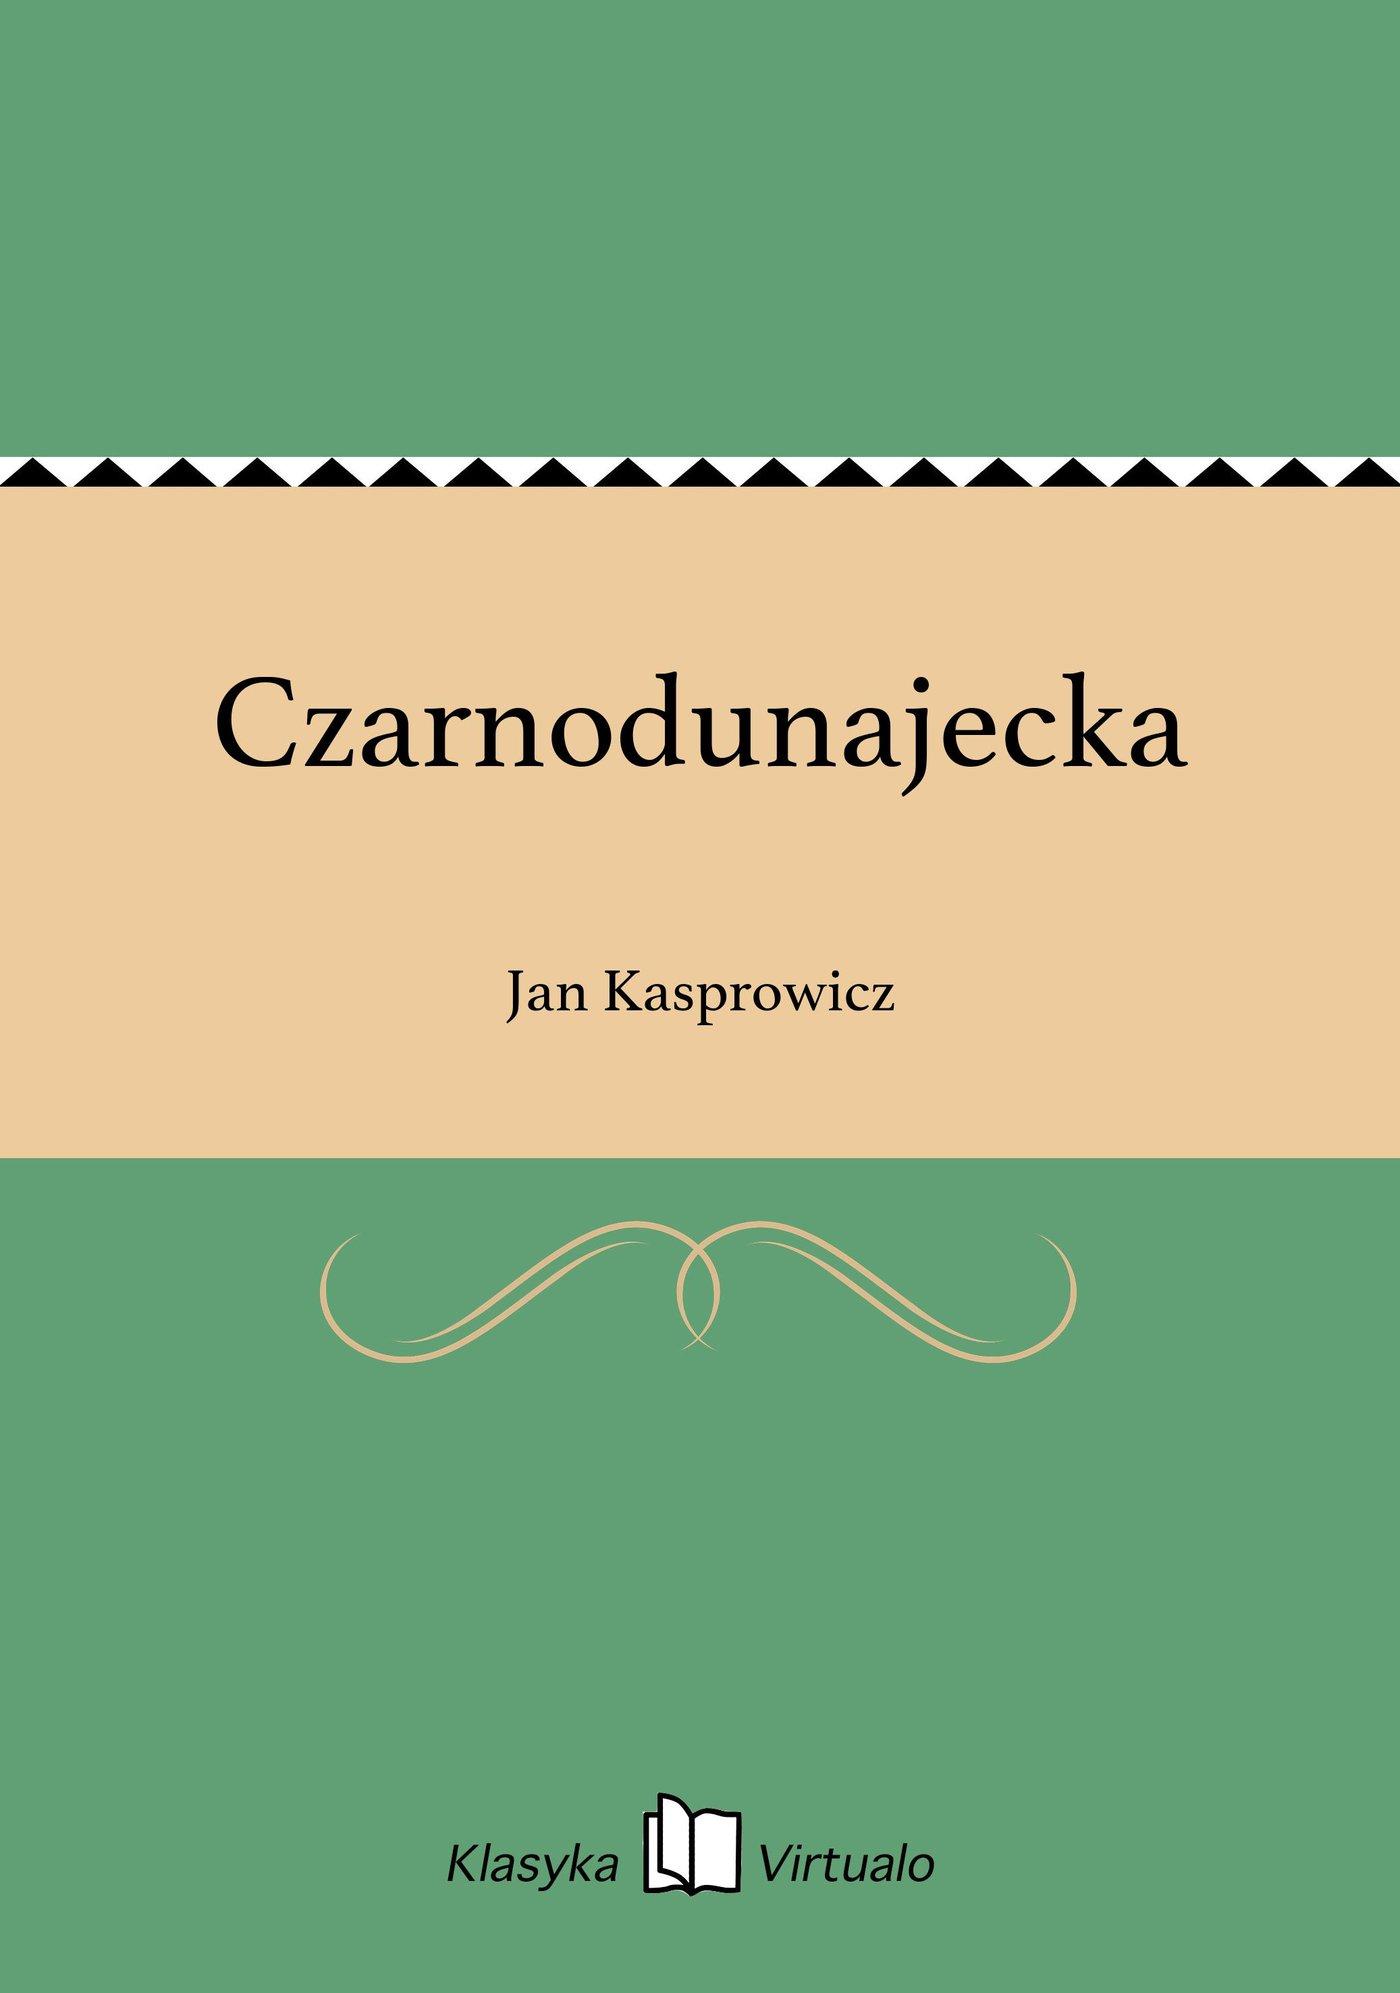 Czarnodunajecka - Ebook (Książka EPUB) do pobrania w formacie EPUB